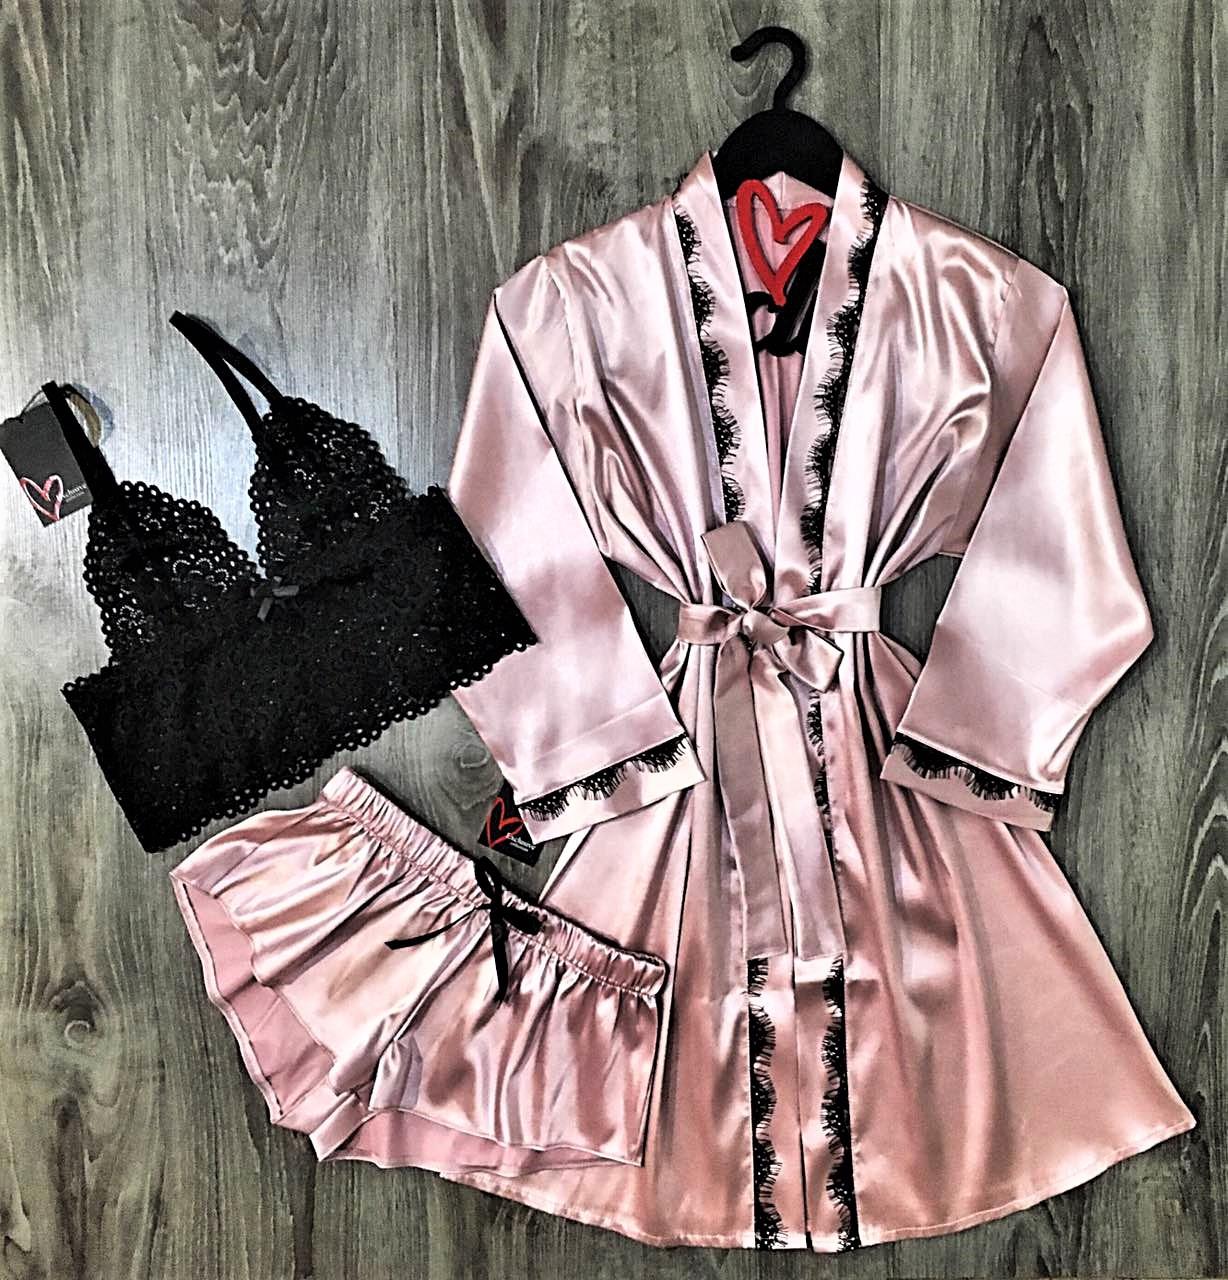 Модний шовковий комплект халат+піжама, домашній одяг.